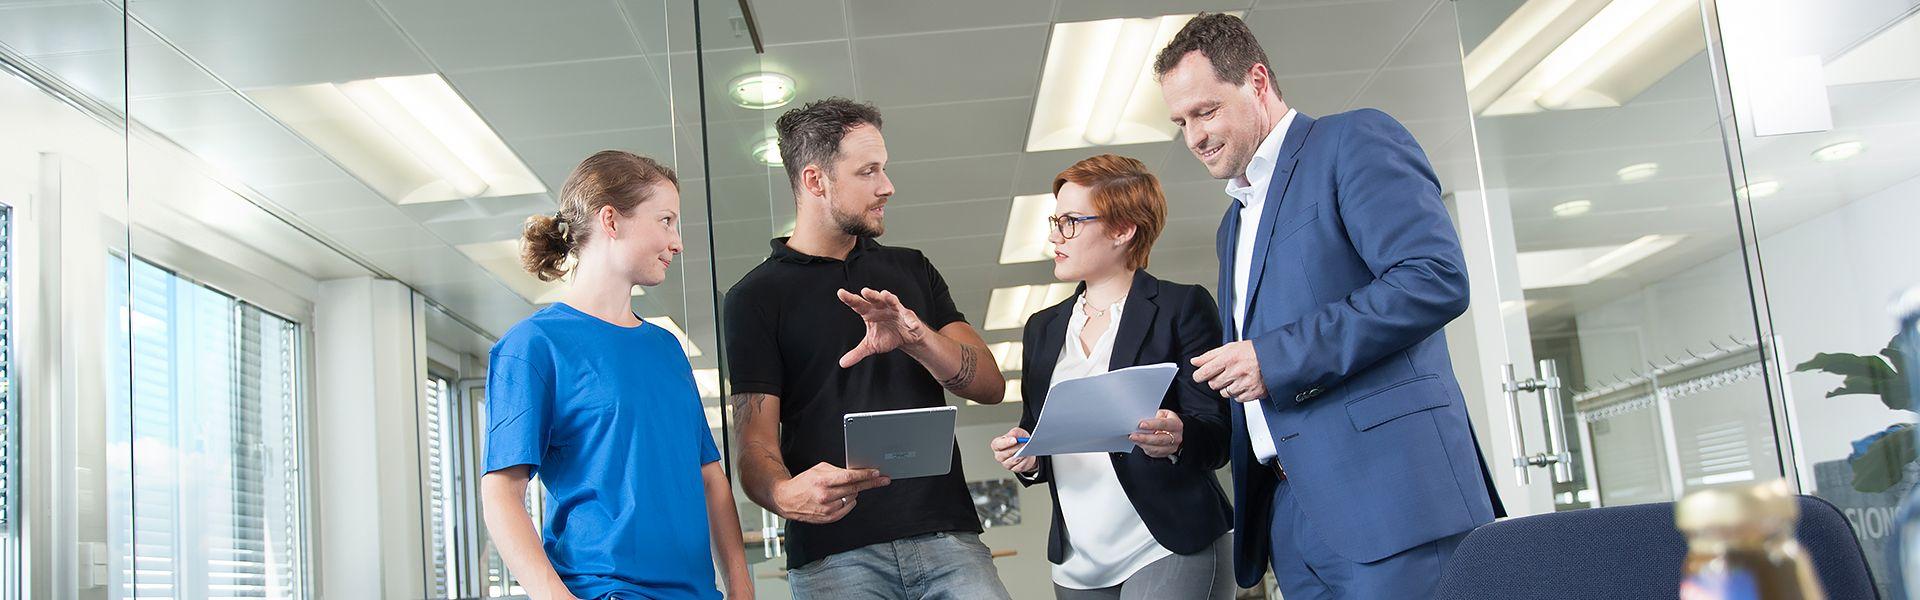 Vier Mitarbeiter im Gespräch